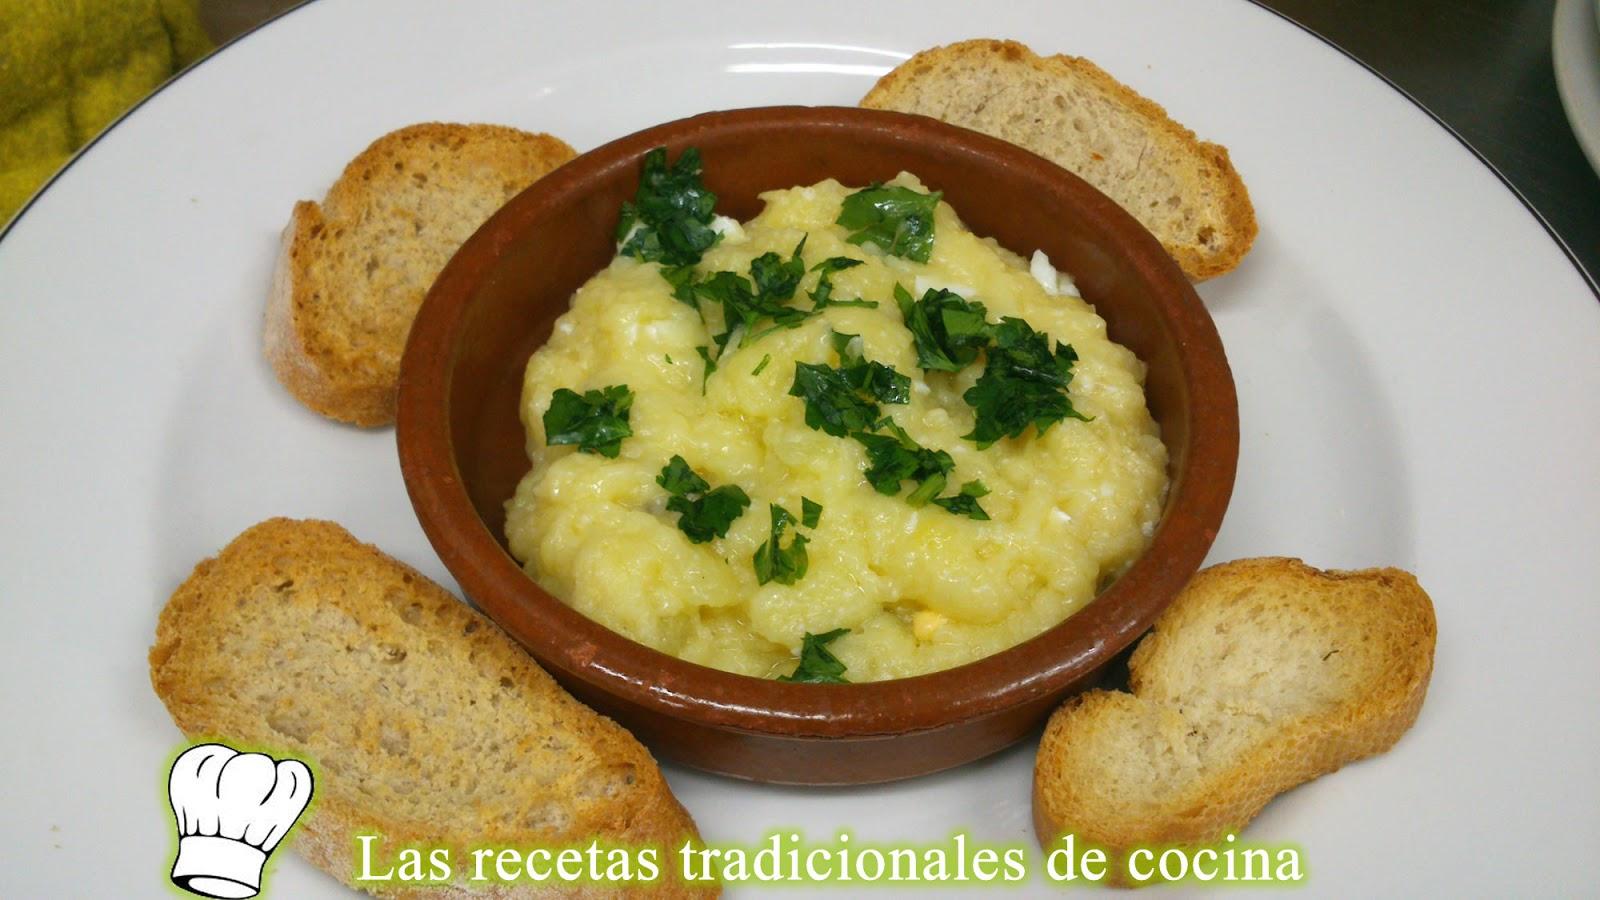 Recetas de cocina receta del ajoarriero - Recets de cocina ...